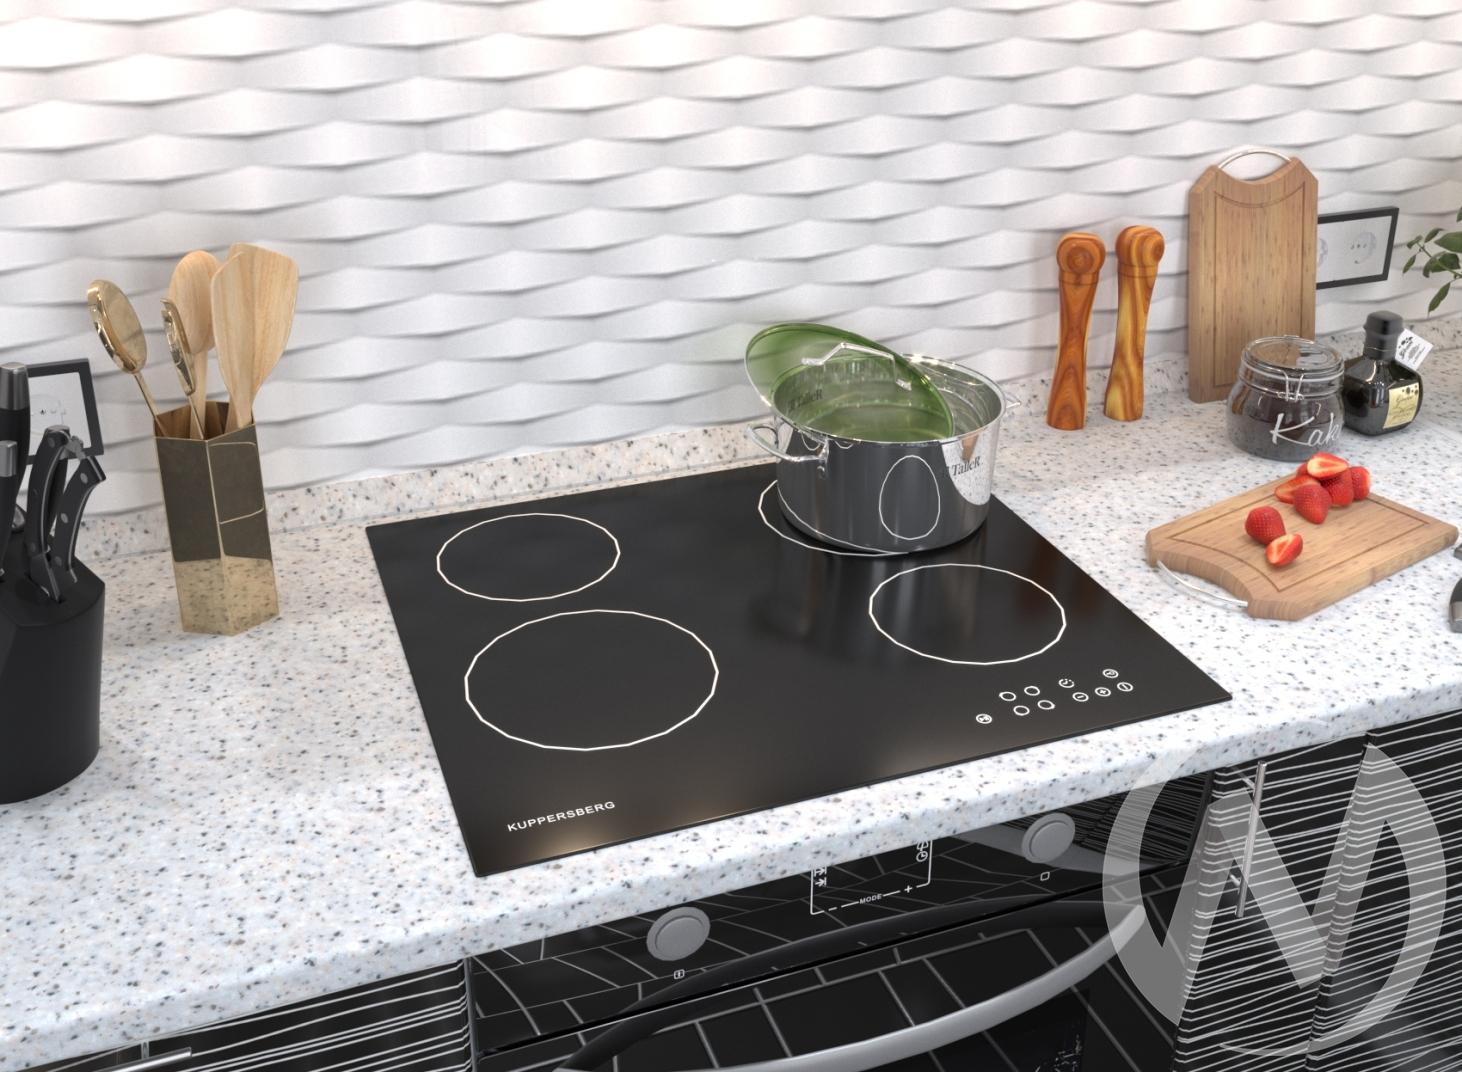 Электрическая варочная поверхность ECO 601 черный недорого в Томске — интернет-магазин авторской мебели Экостиль